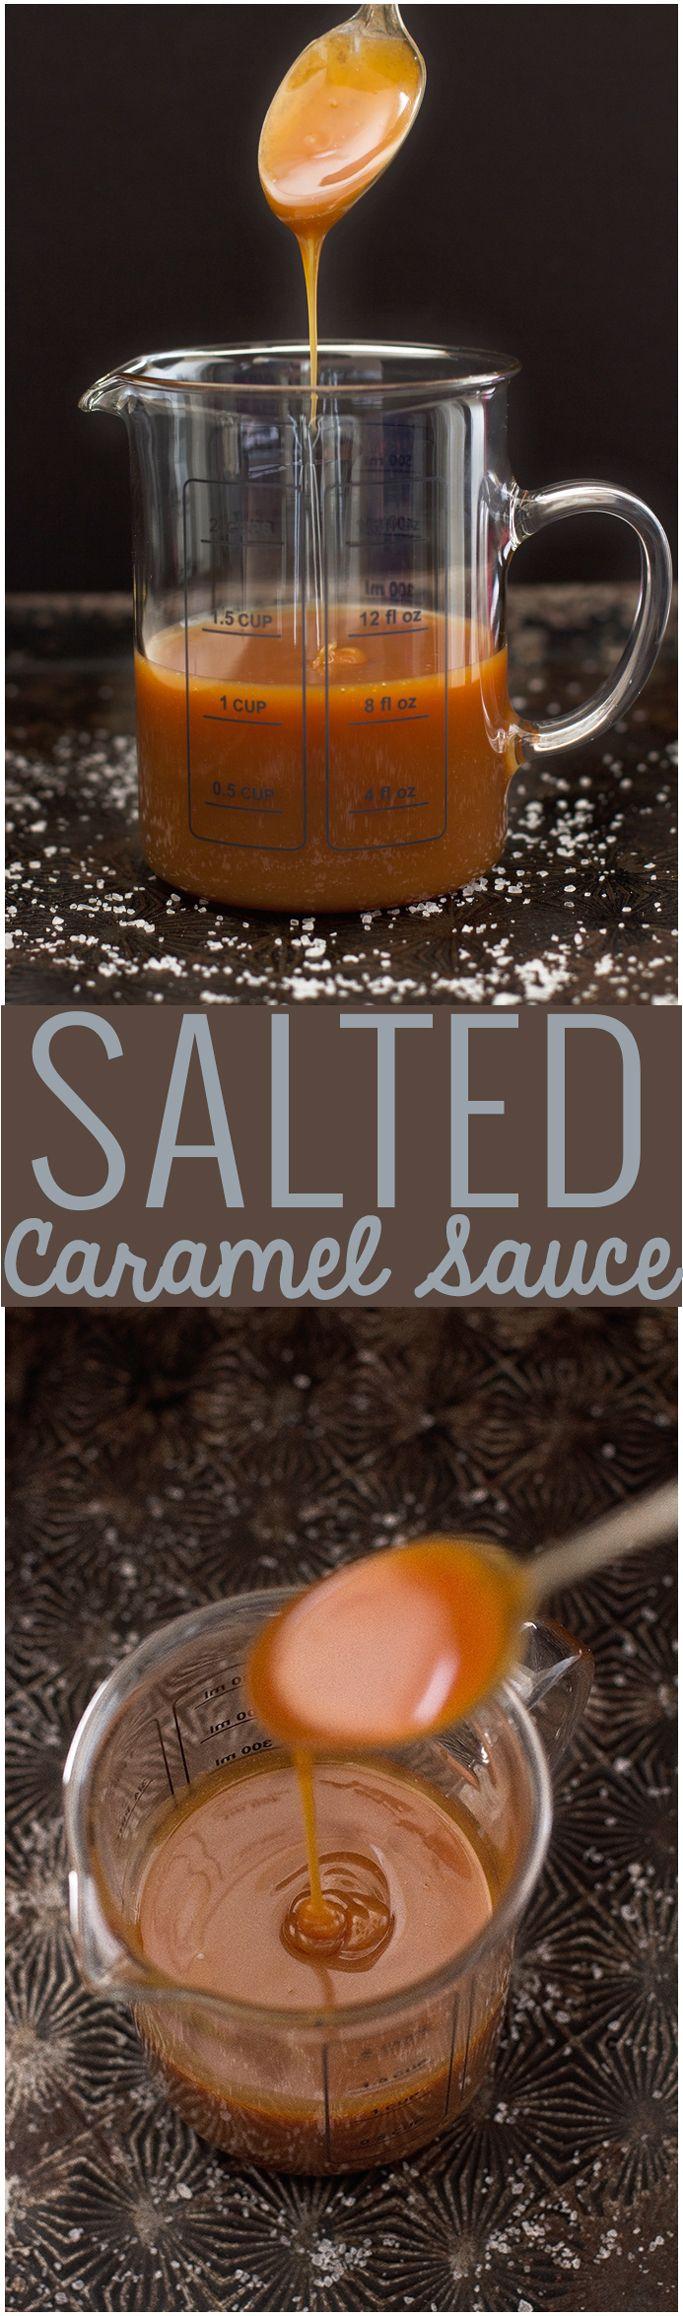 how to make soft caramel sauce